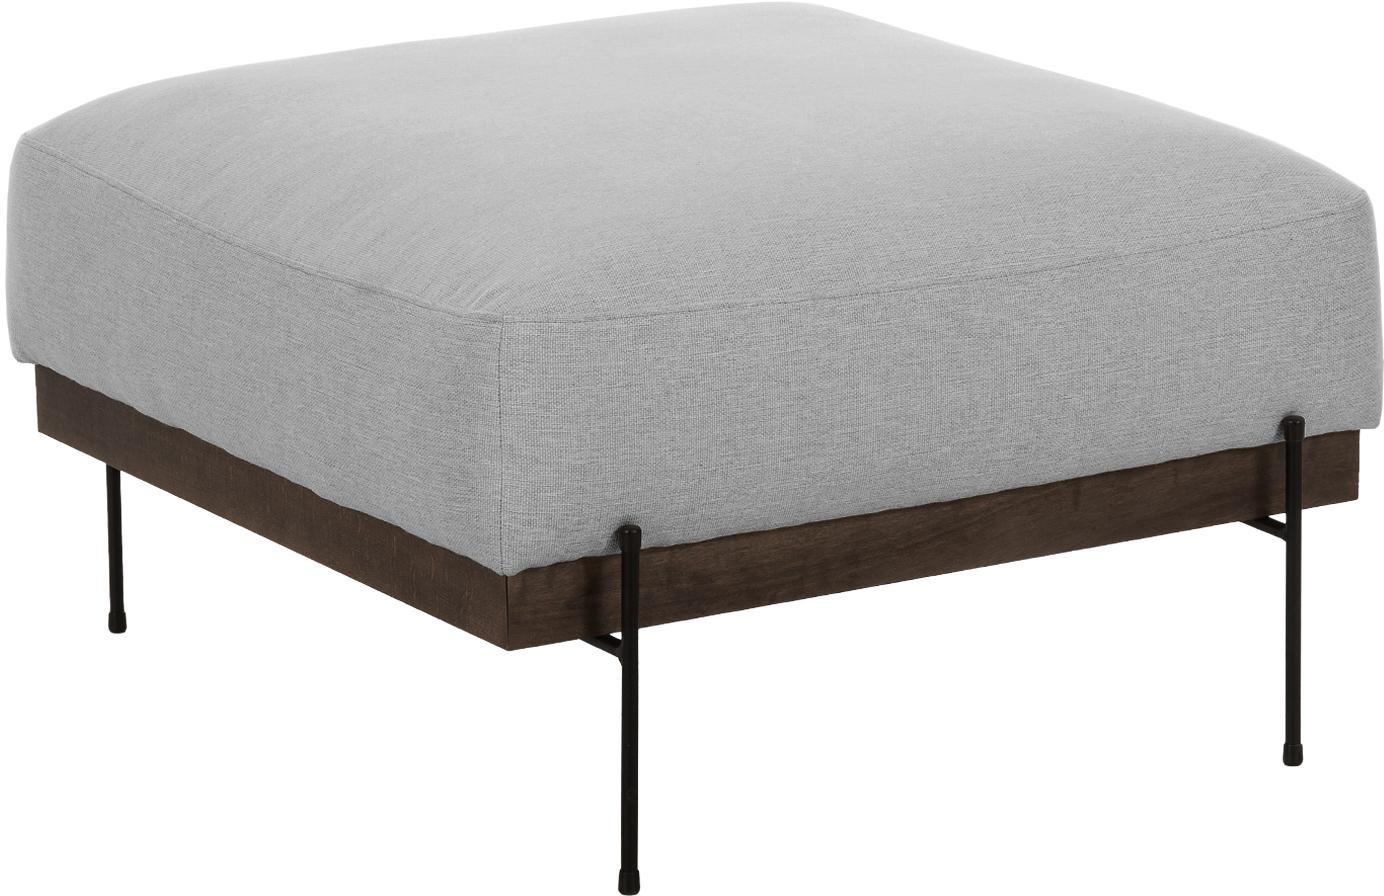 Sofa-Hocker Brooks, Bezug: Polyester 35.000 Scheuert, Gestell: Kiefernholz, massiv, Rahmen: Kiefernholz, lackiert, Füße: Metall, pulverbeschichtet, Grau, 80 x 43 cm